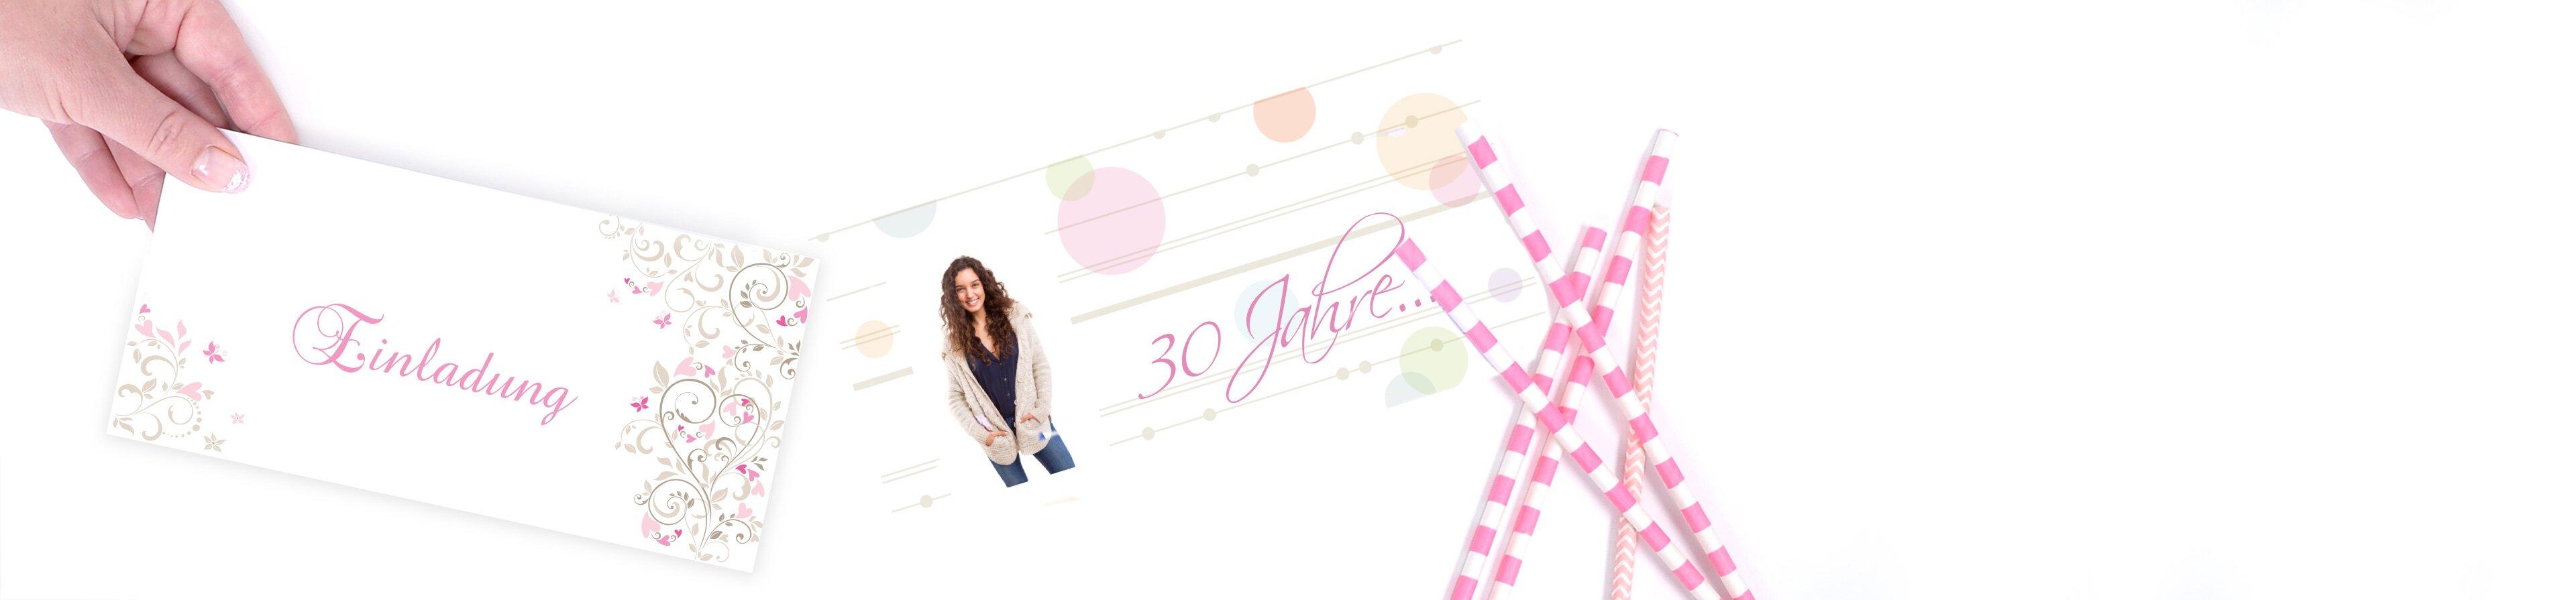 Günstige Einladungskarten Geburtstag: Günstige Geburtstagskarten Auf Karten4you.ch Gestalten